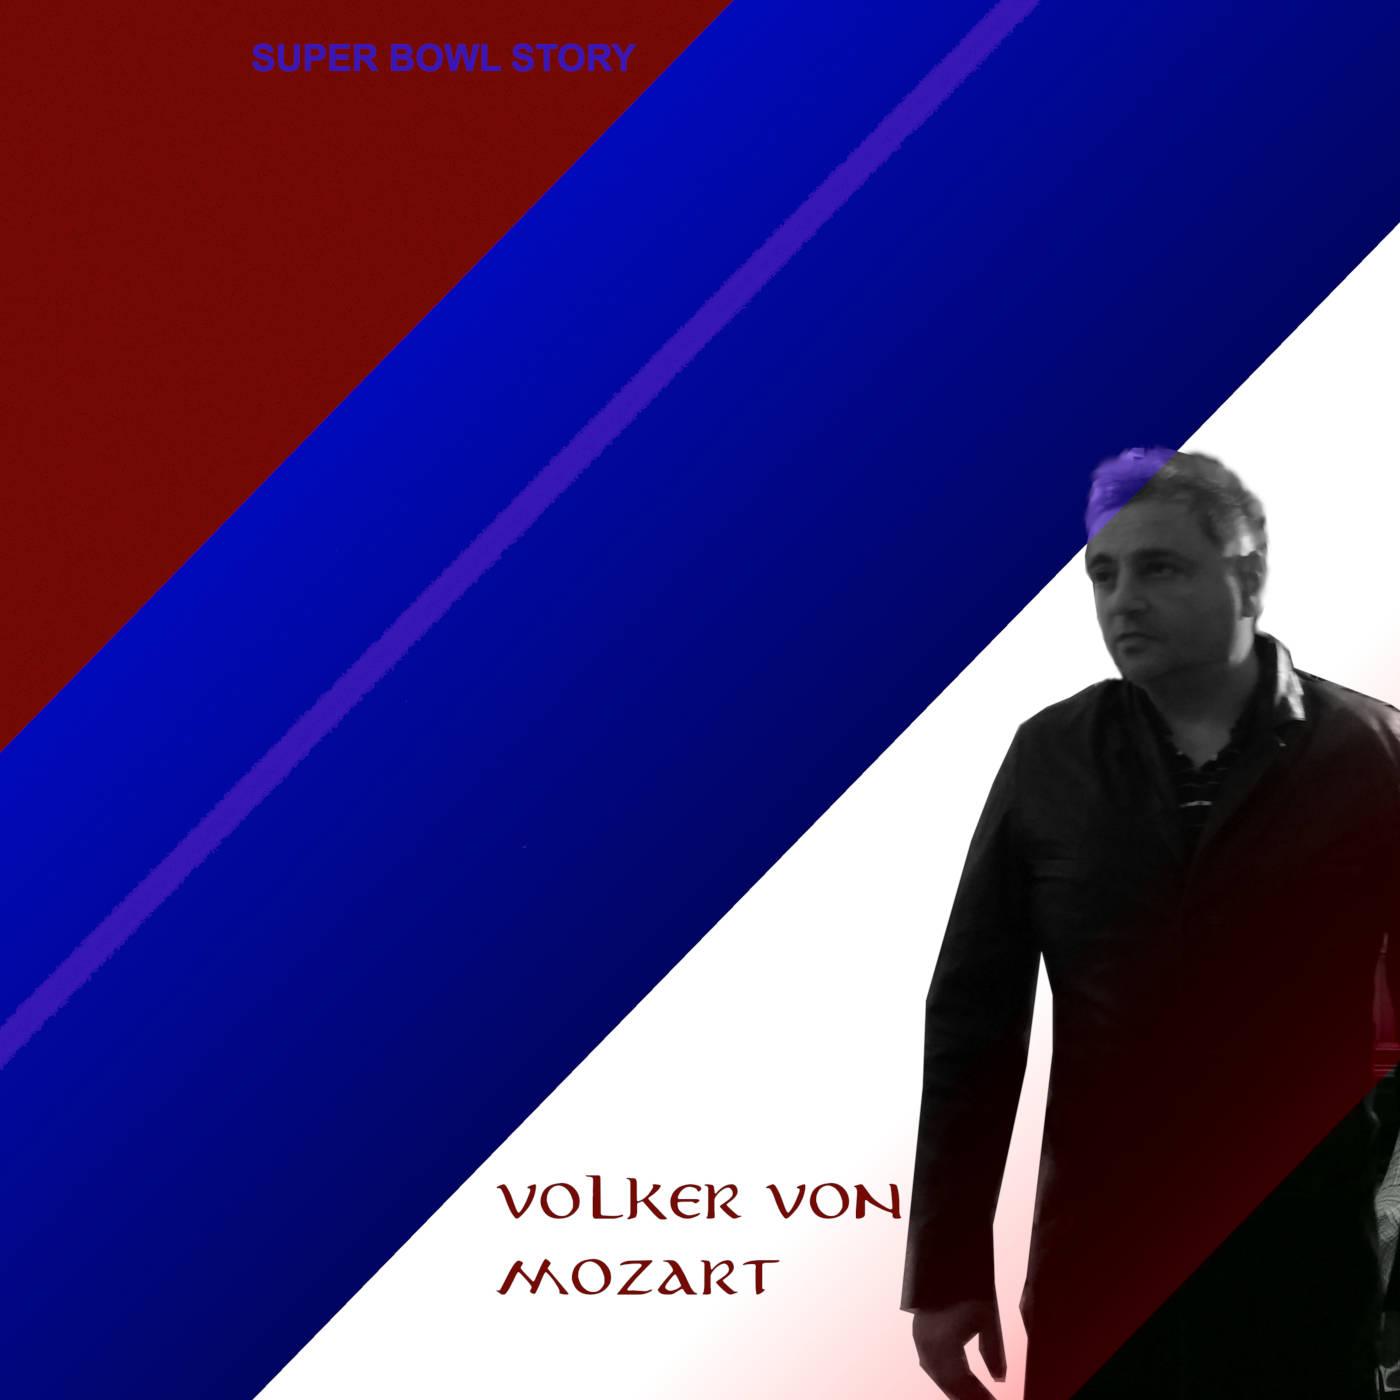 Volker von Mozart